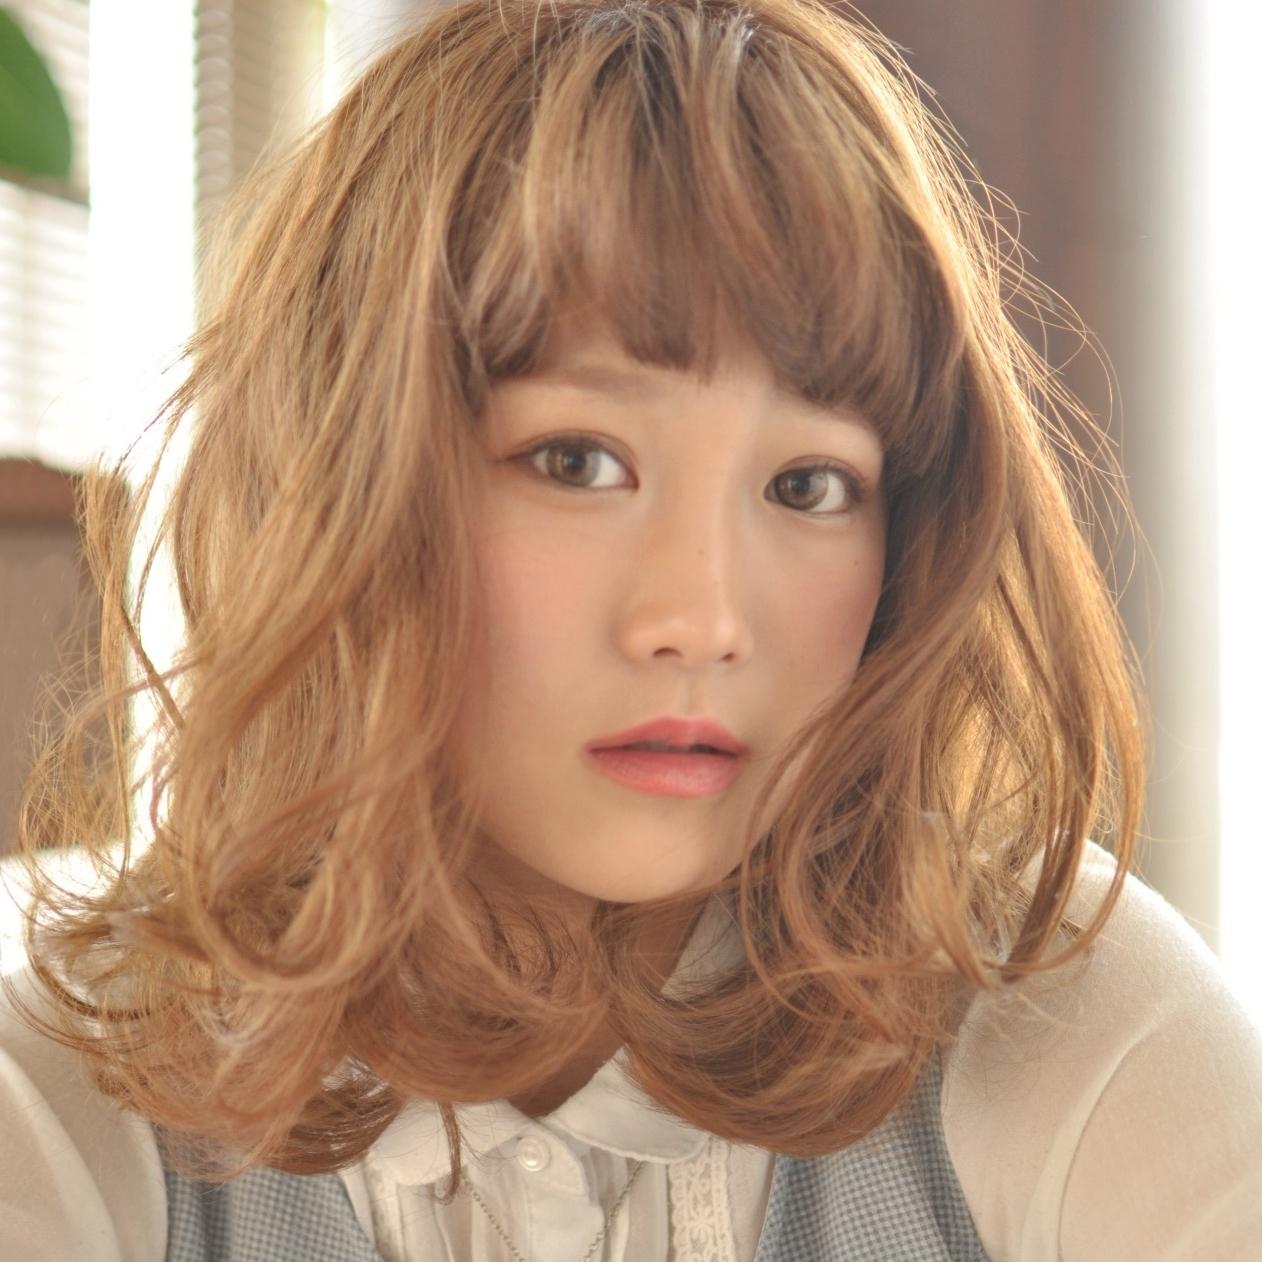 外国人風モテ髪愛されセミディ☆イノセントベージュ☆流行りのロブへア♪